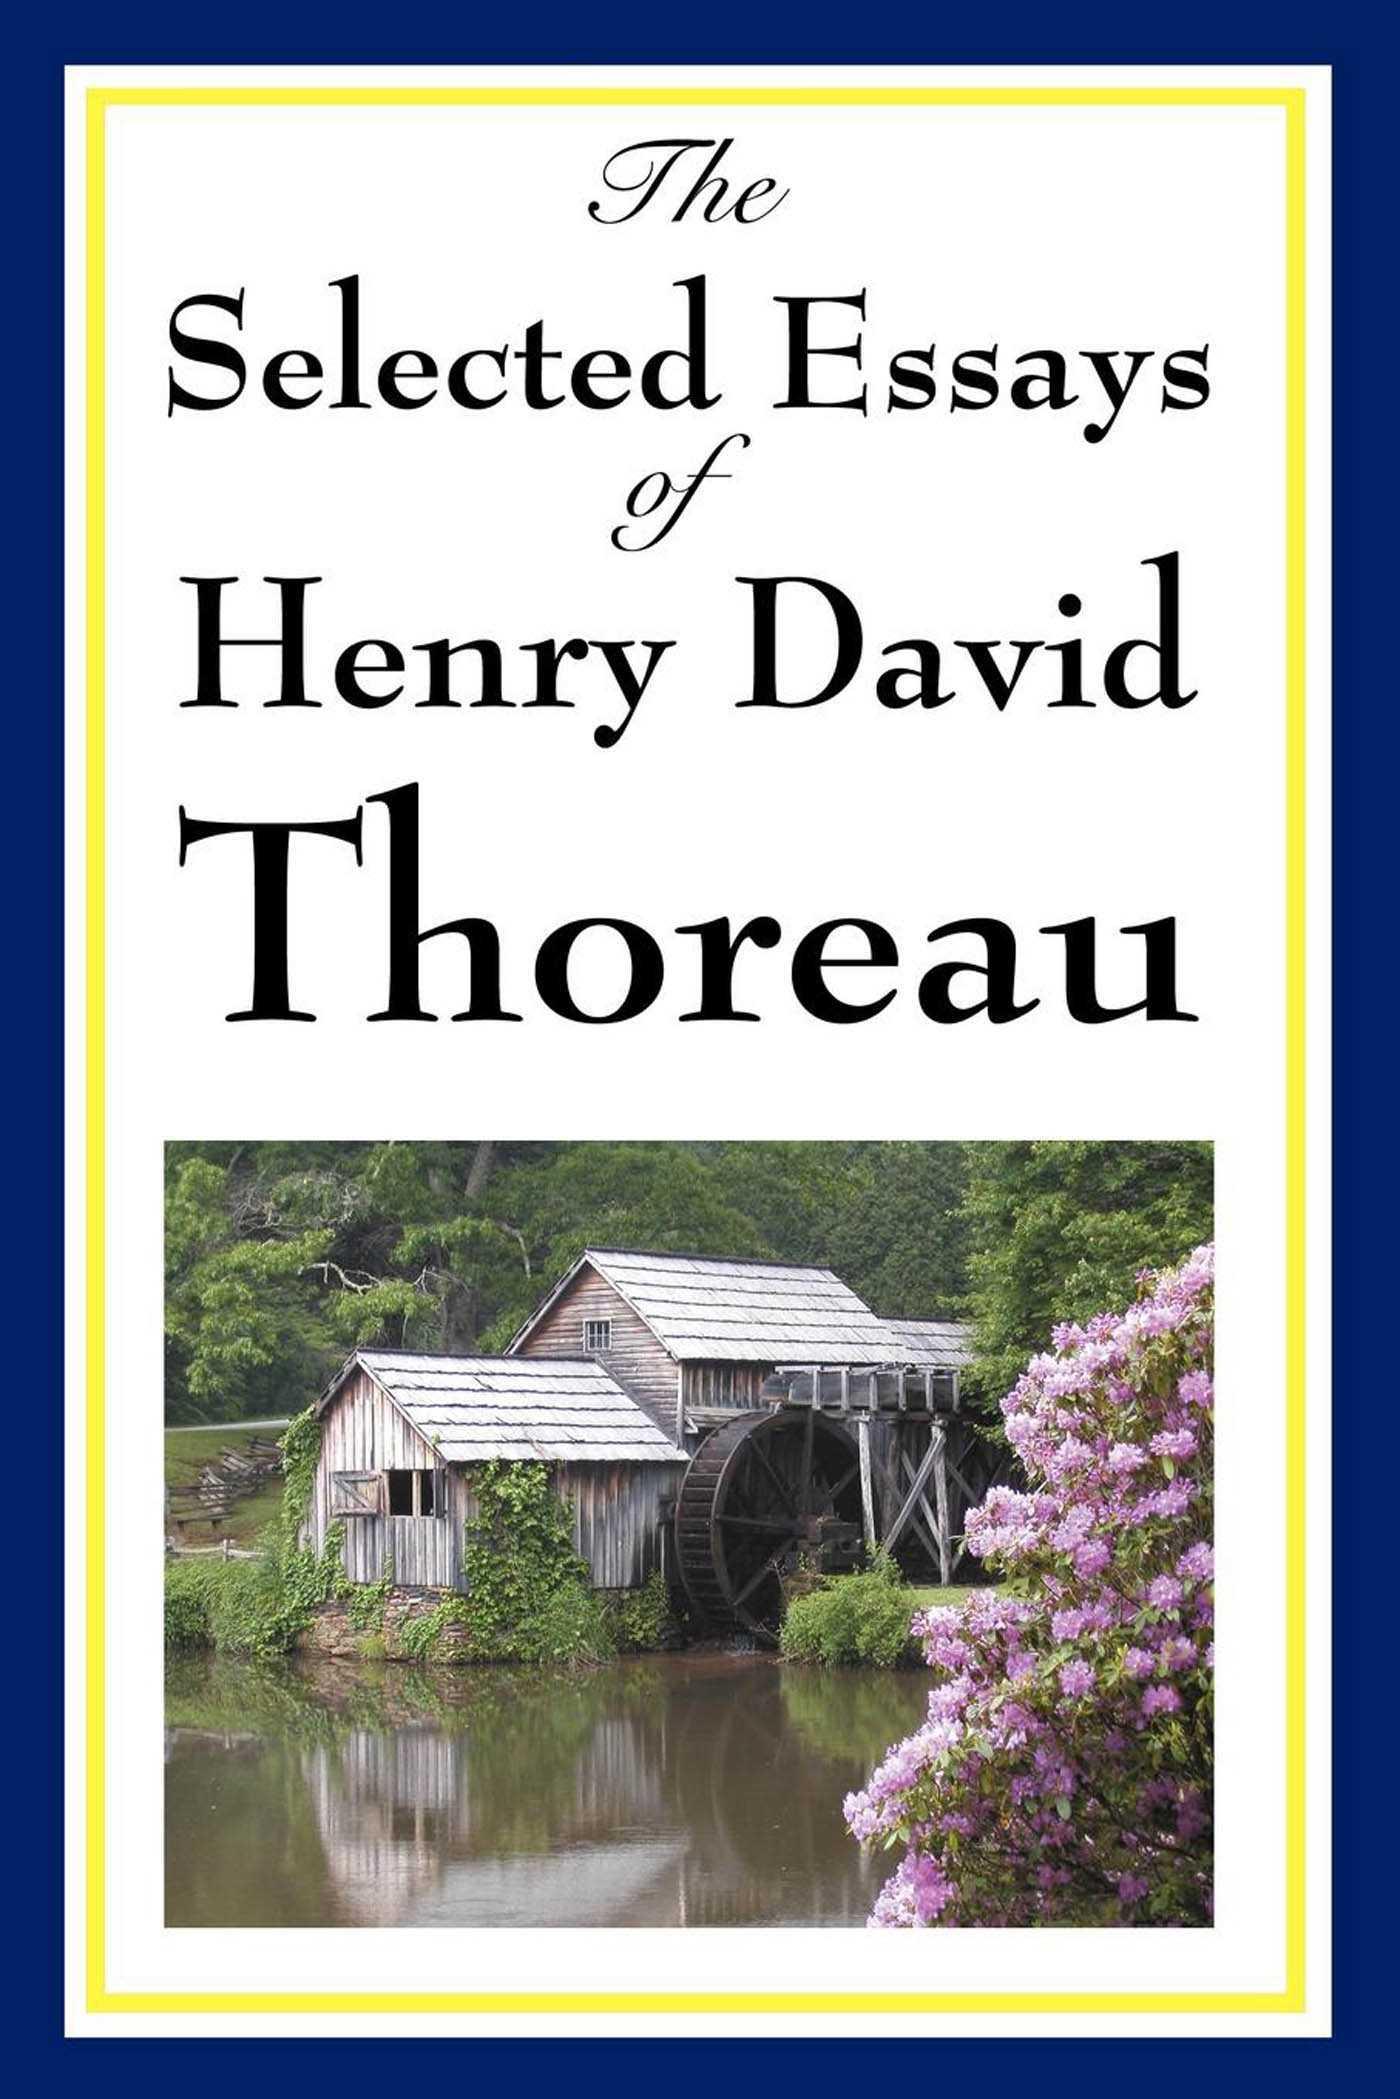 the selected essays of henry david thoreau ebook by henry david  the selected essays of henry david thoreau 9781627931823 hr